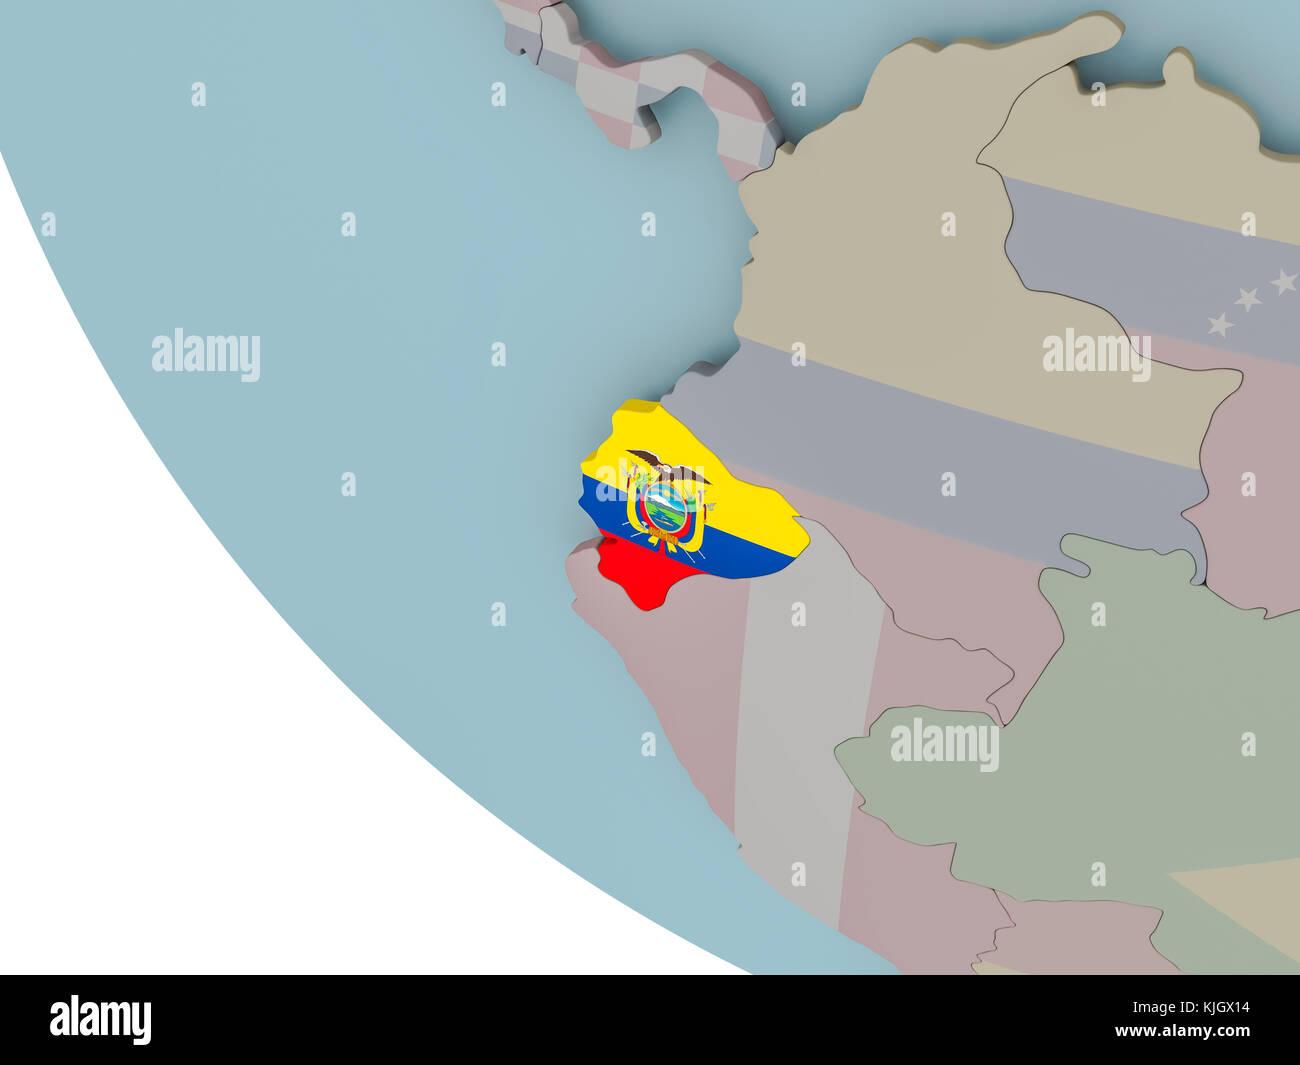 Ecuador Mapa Del Mundo.Mapa De Ecuador En El Mundo Politico Con Banderas Incrustadas Ilustracion 3d Fotografia De Stock Alamy